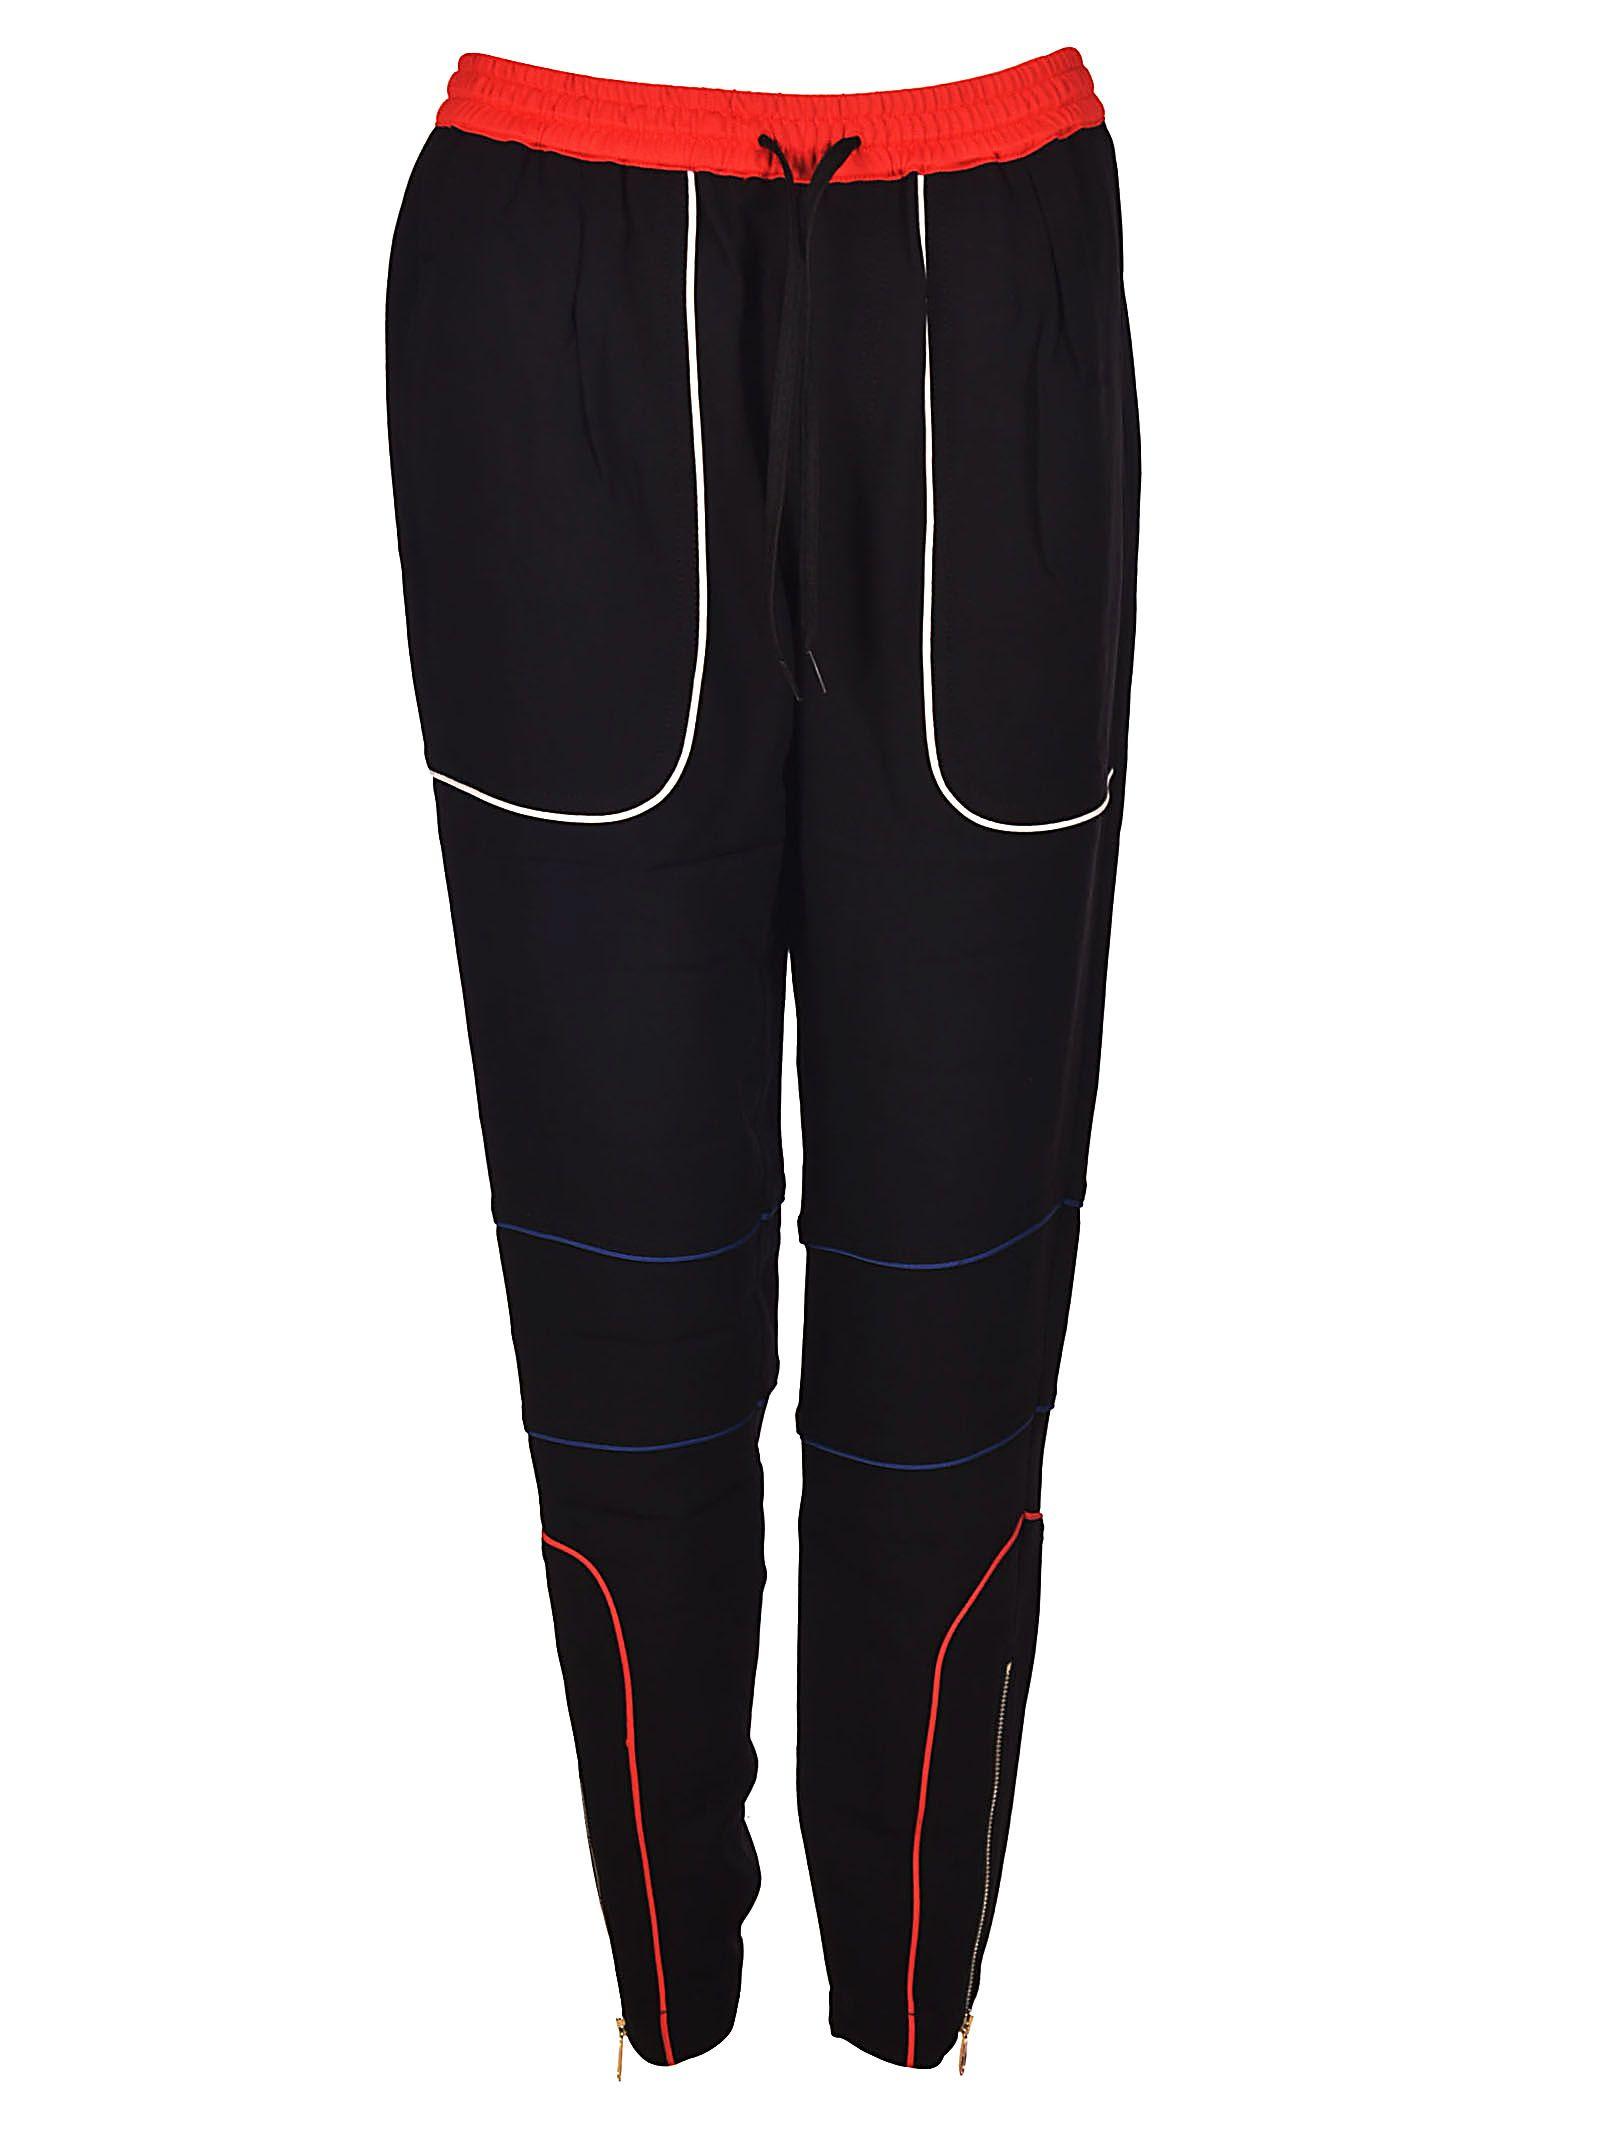 Tommy Hilfiger Slim Fit Track Pants